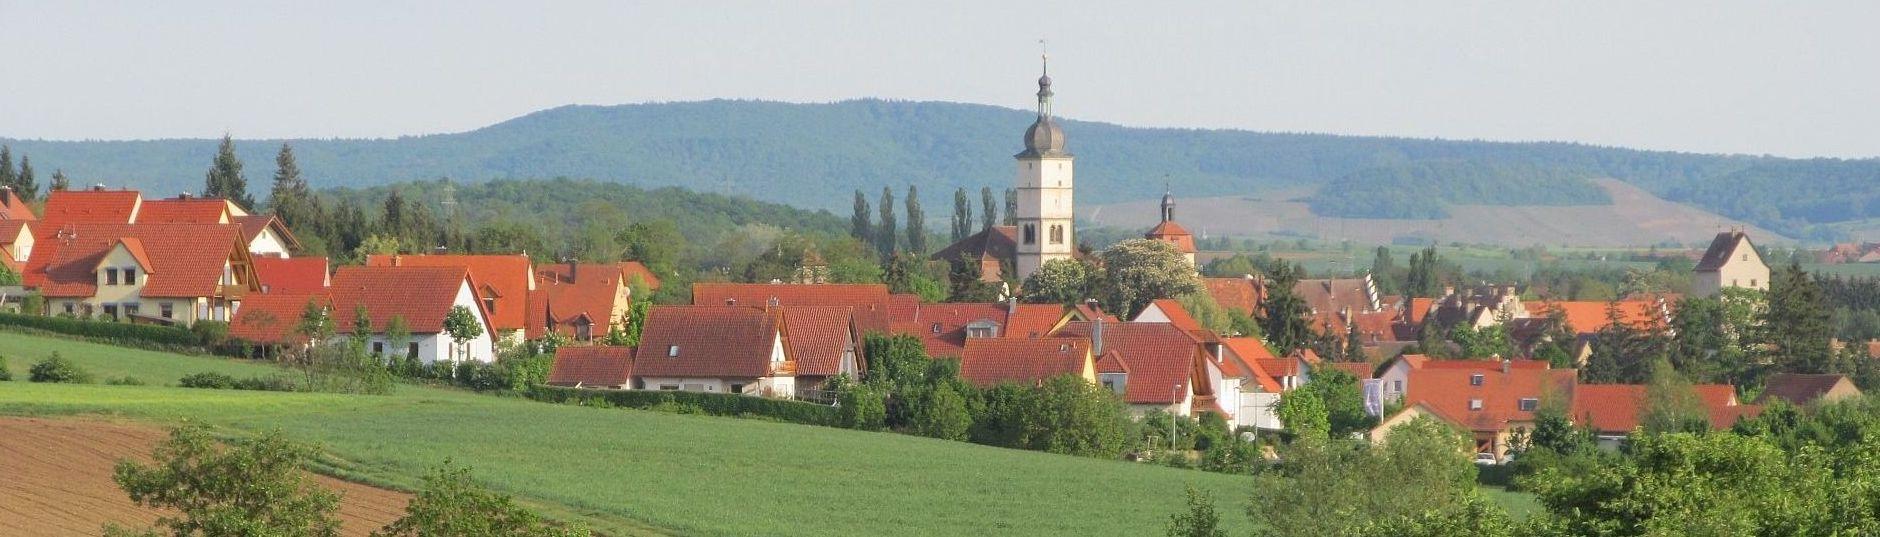 Evangelisch in Mainbernheim